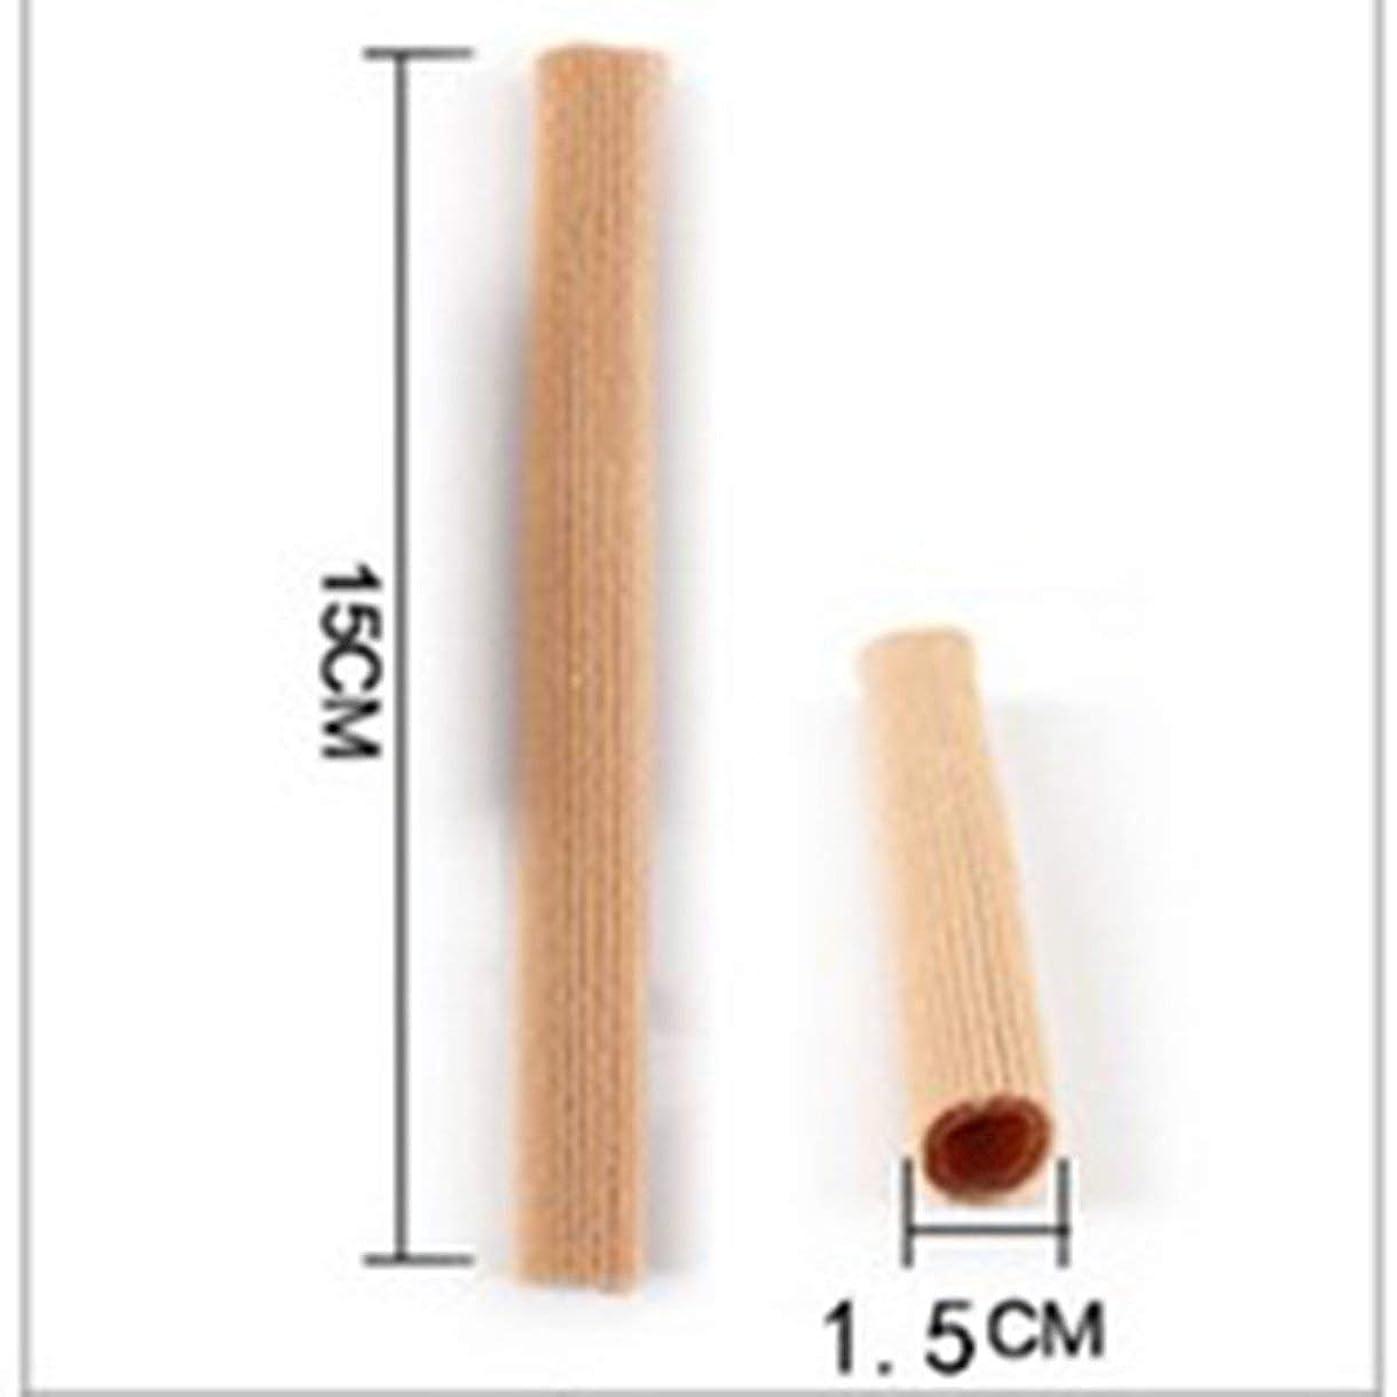 デザイナー予想する加入Open Toe Tubes Gel Lined Fabric Sleeve Protectors To Prevent Corns, Calluses And Blisters While Softening And Soothing Skin